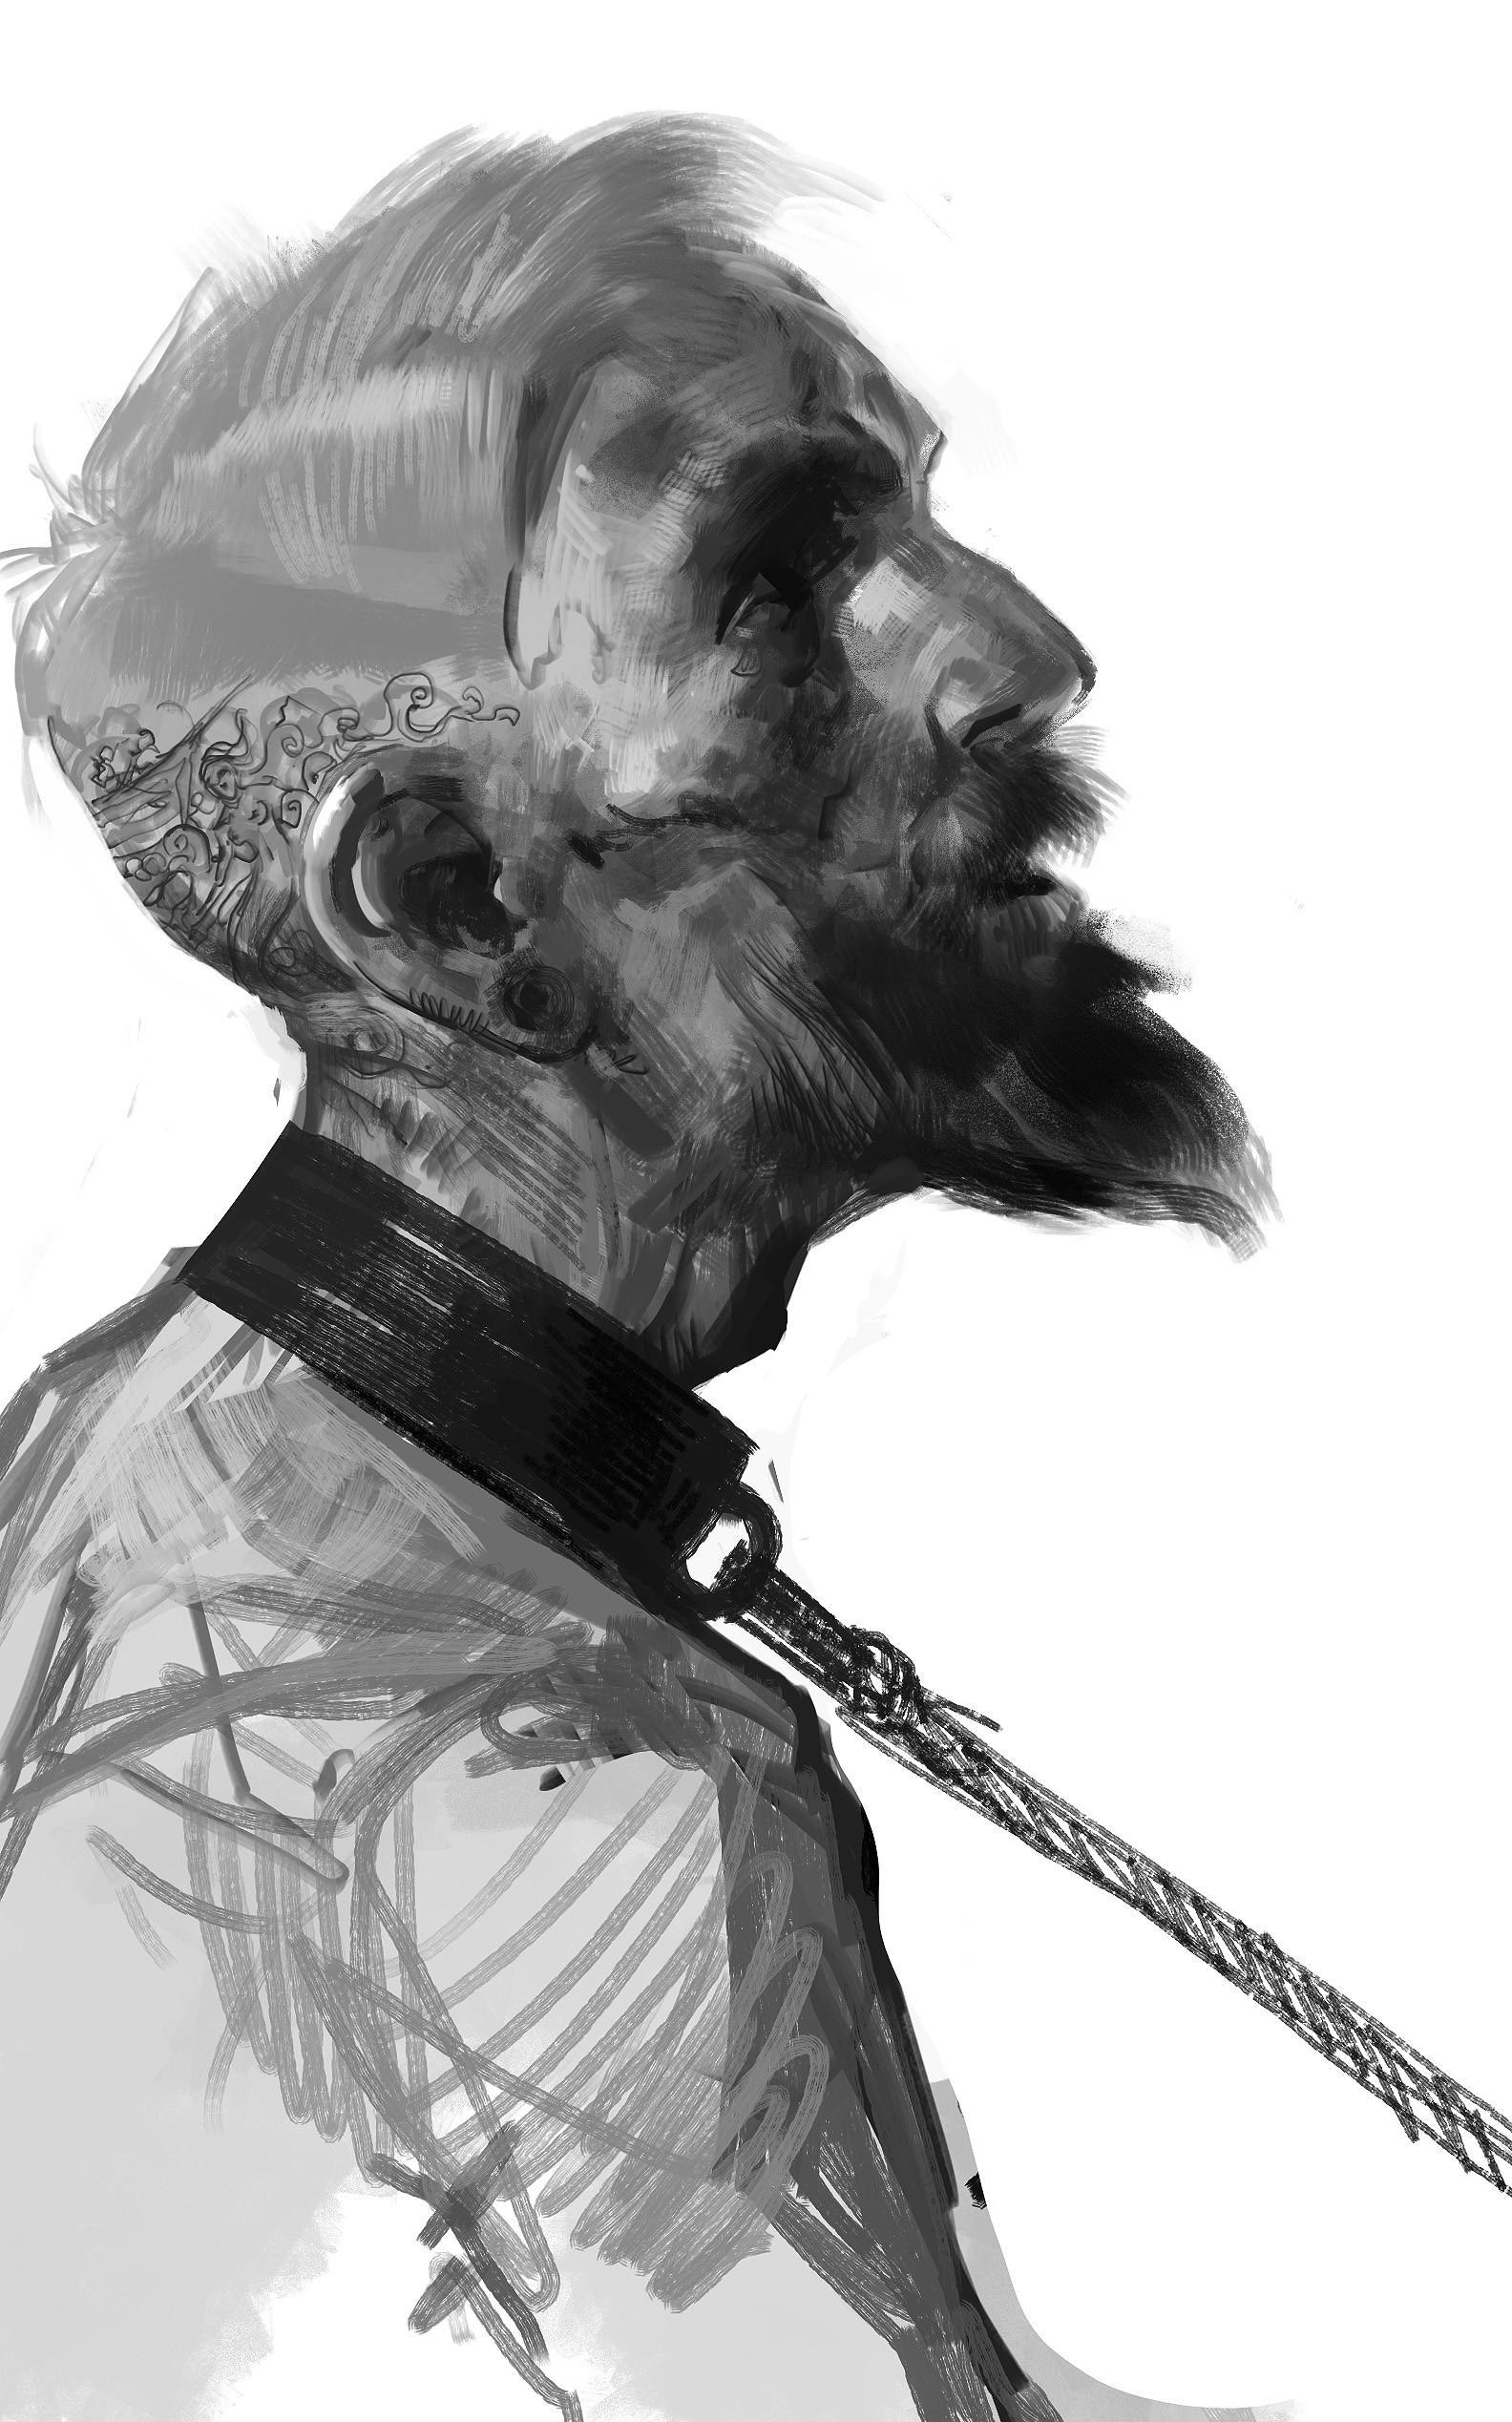 Bartlomiej gawel sketch